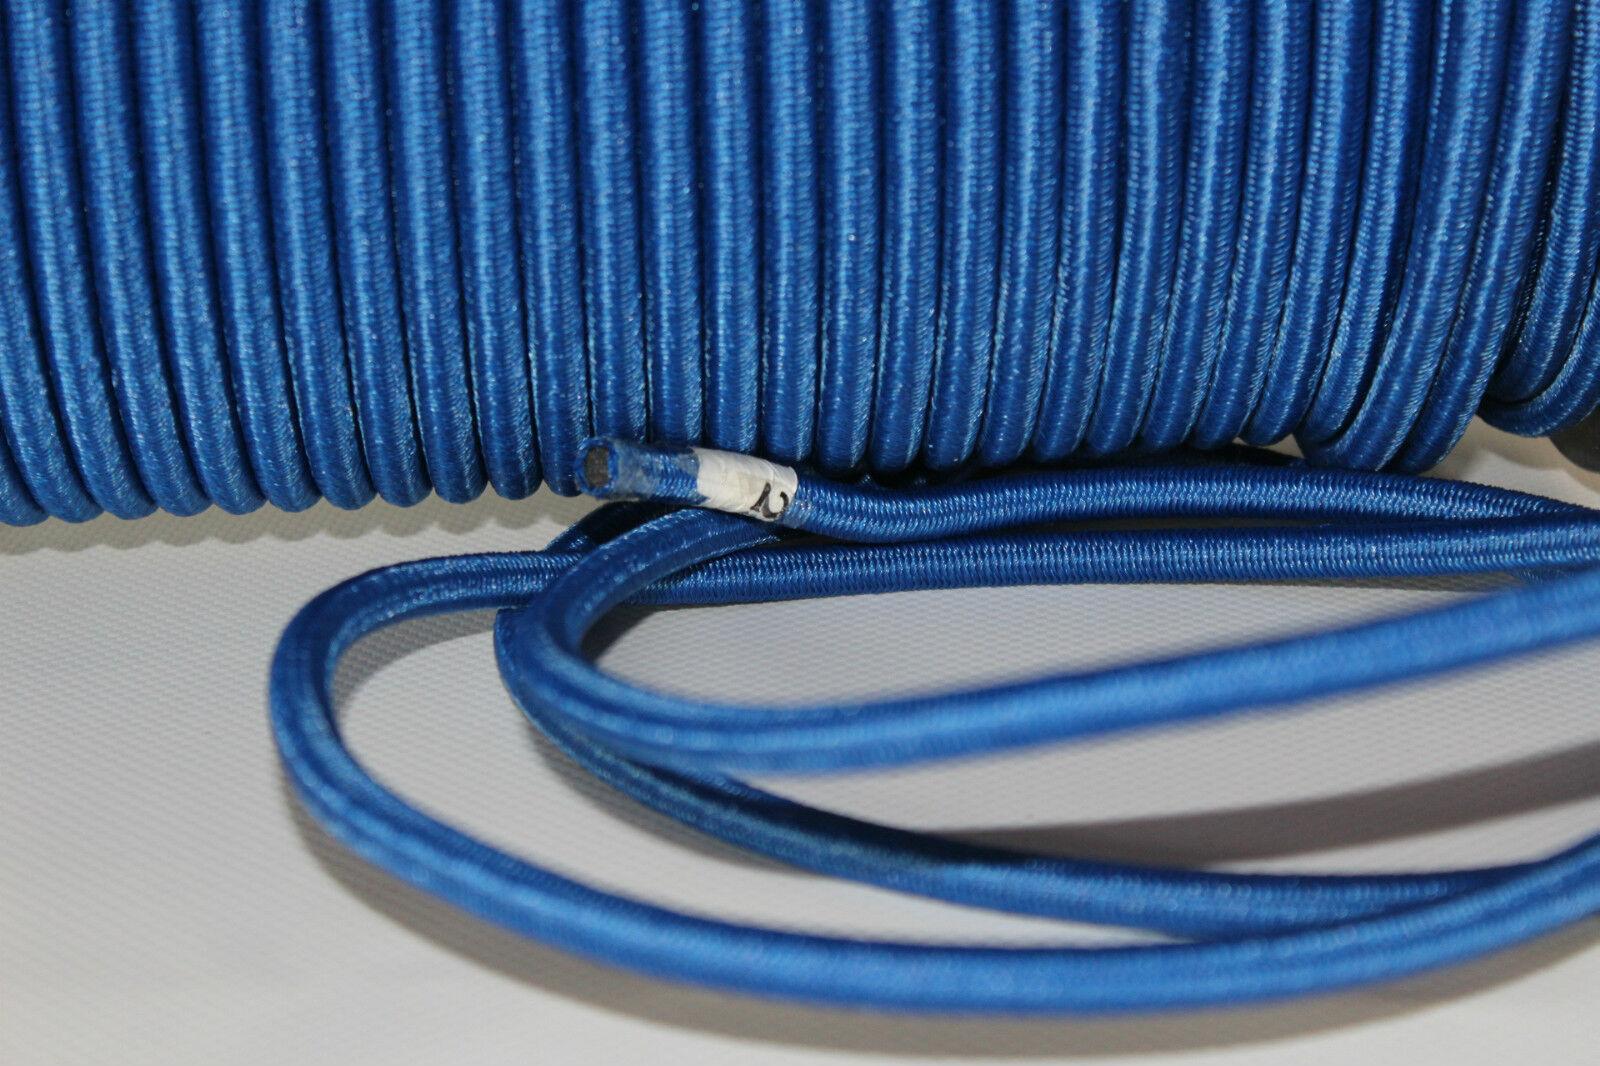 8mm Cuerda de Expansión Azul Cuerda Goma Cuerda para Z, B Lona